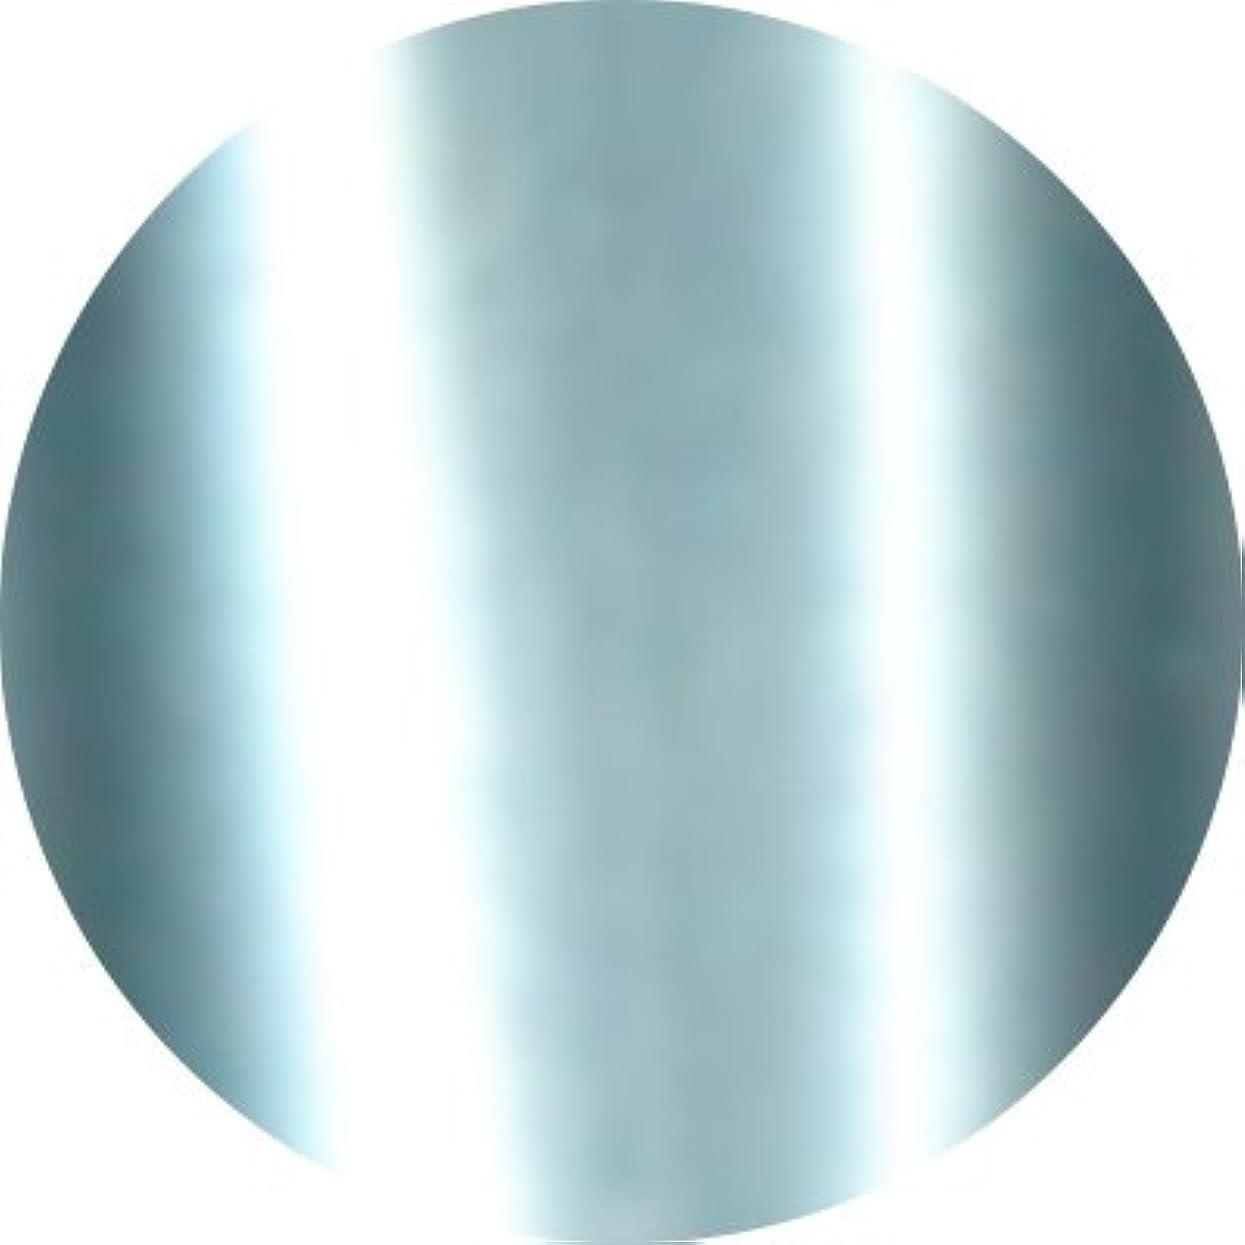 害中止しますキャラバンJewelry jel(ジュエリージェル) カラージェル 5ml<BR>メタリック MT015